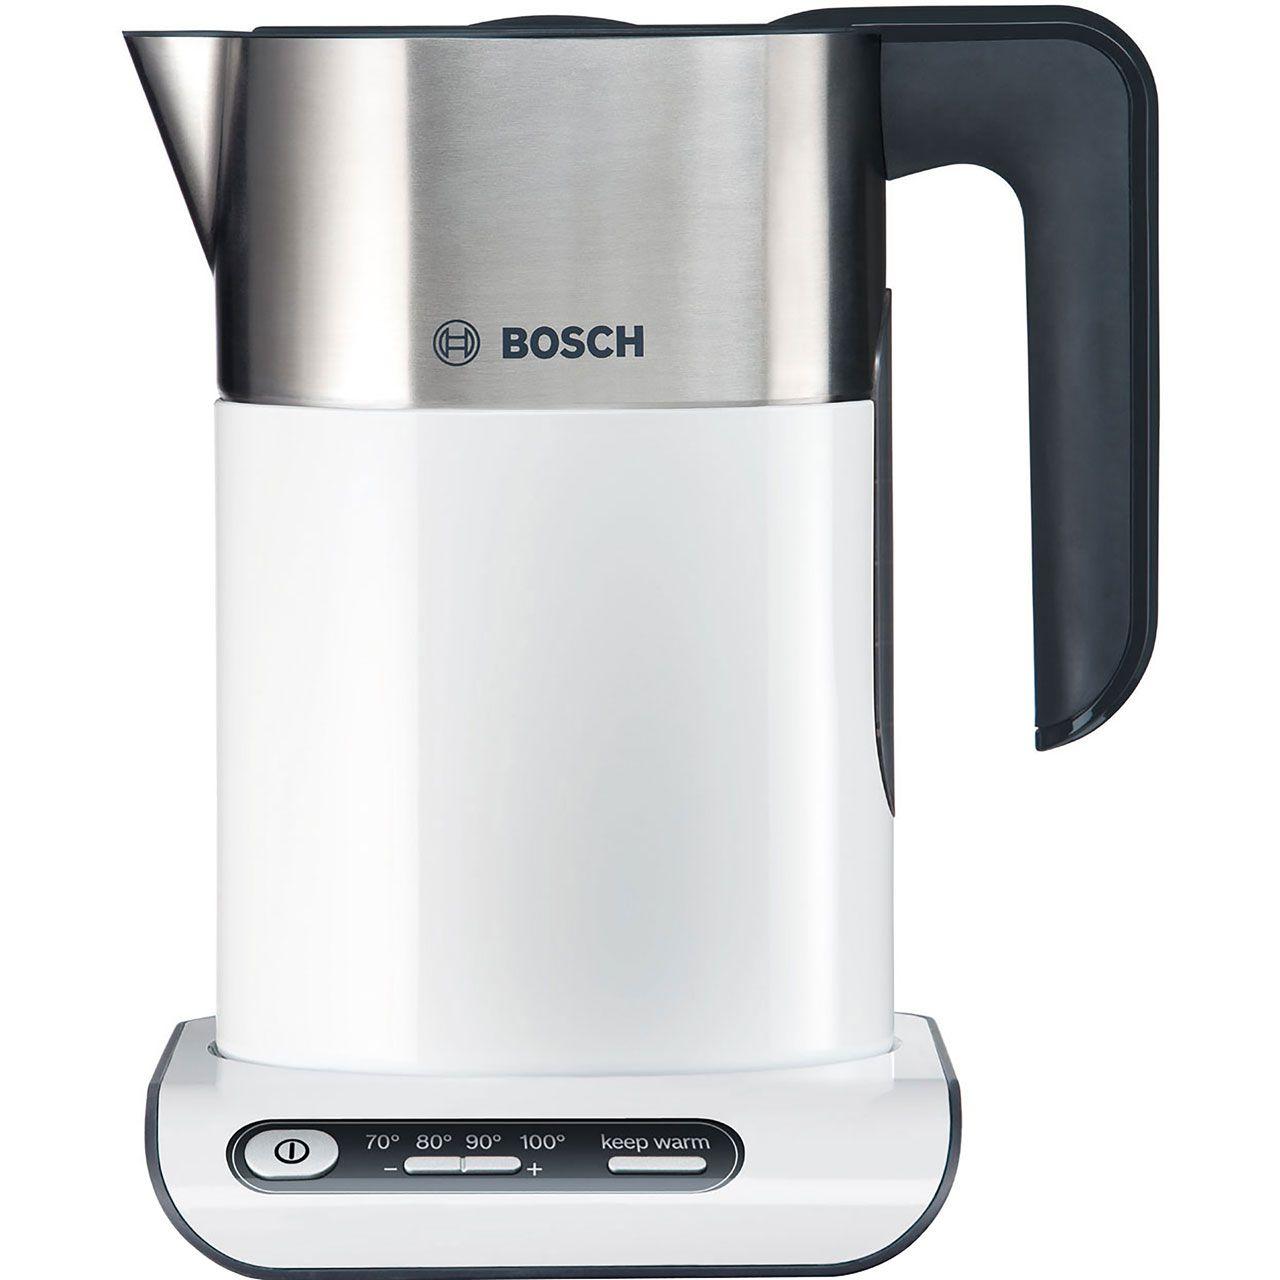 Bosch TWK8631GB STYLINE Range Kettle in